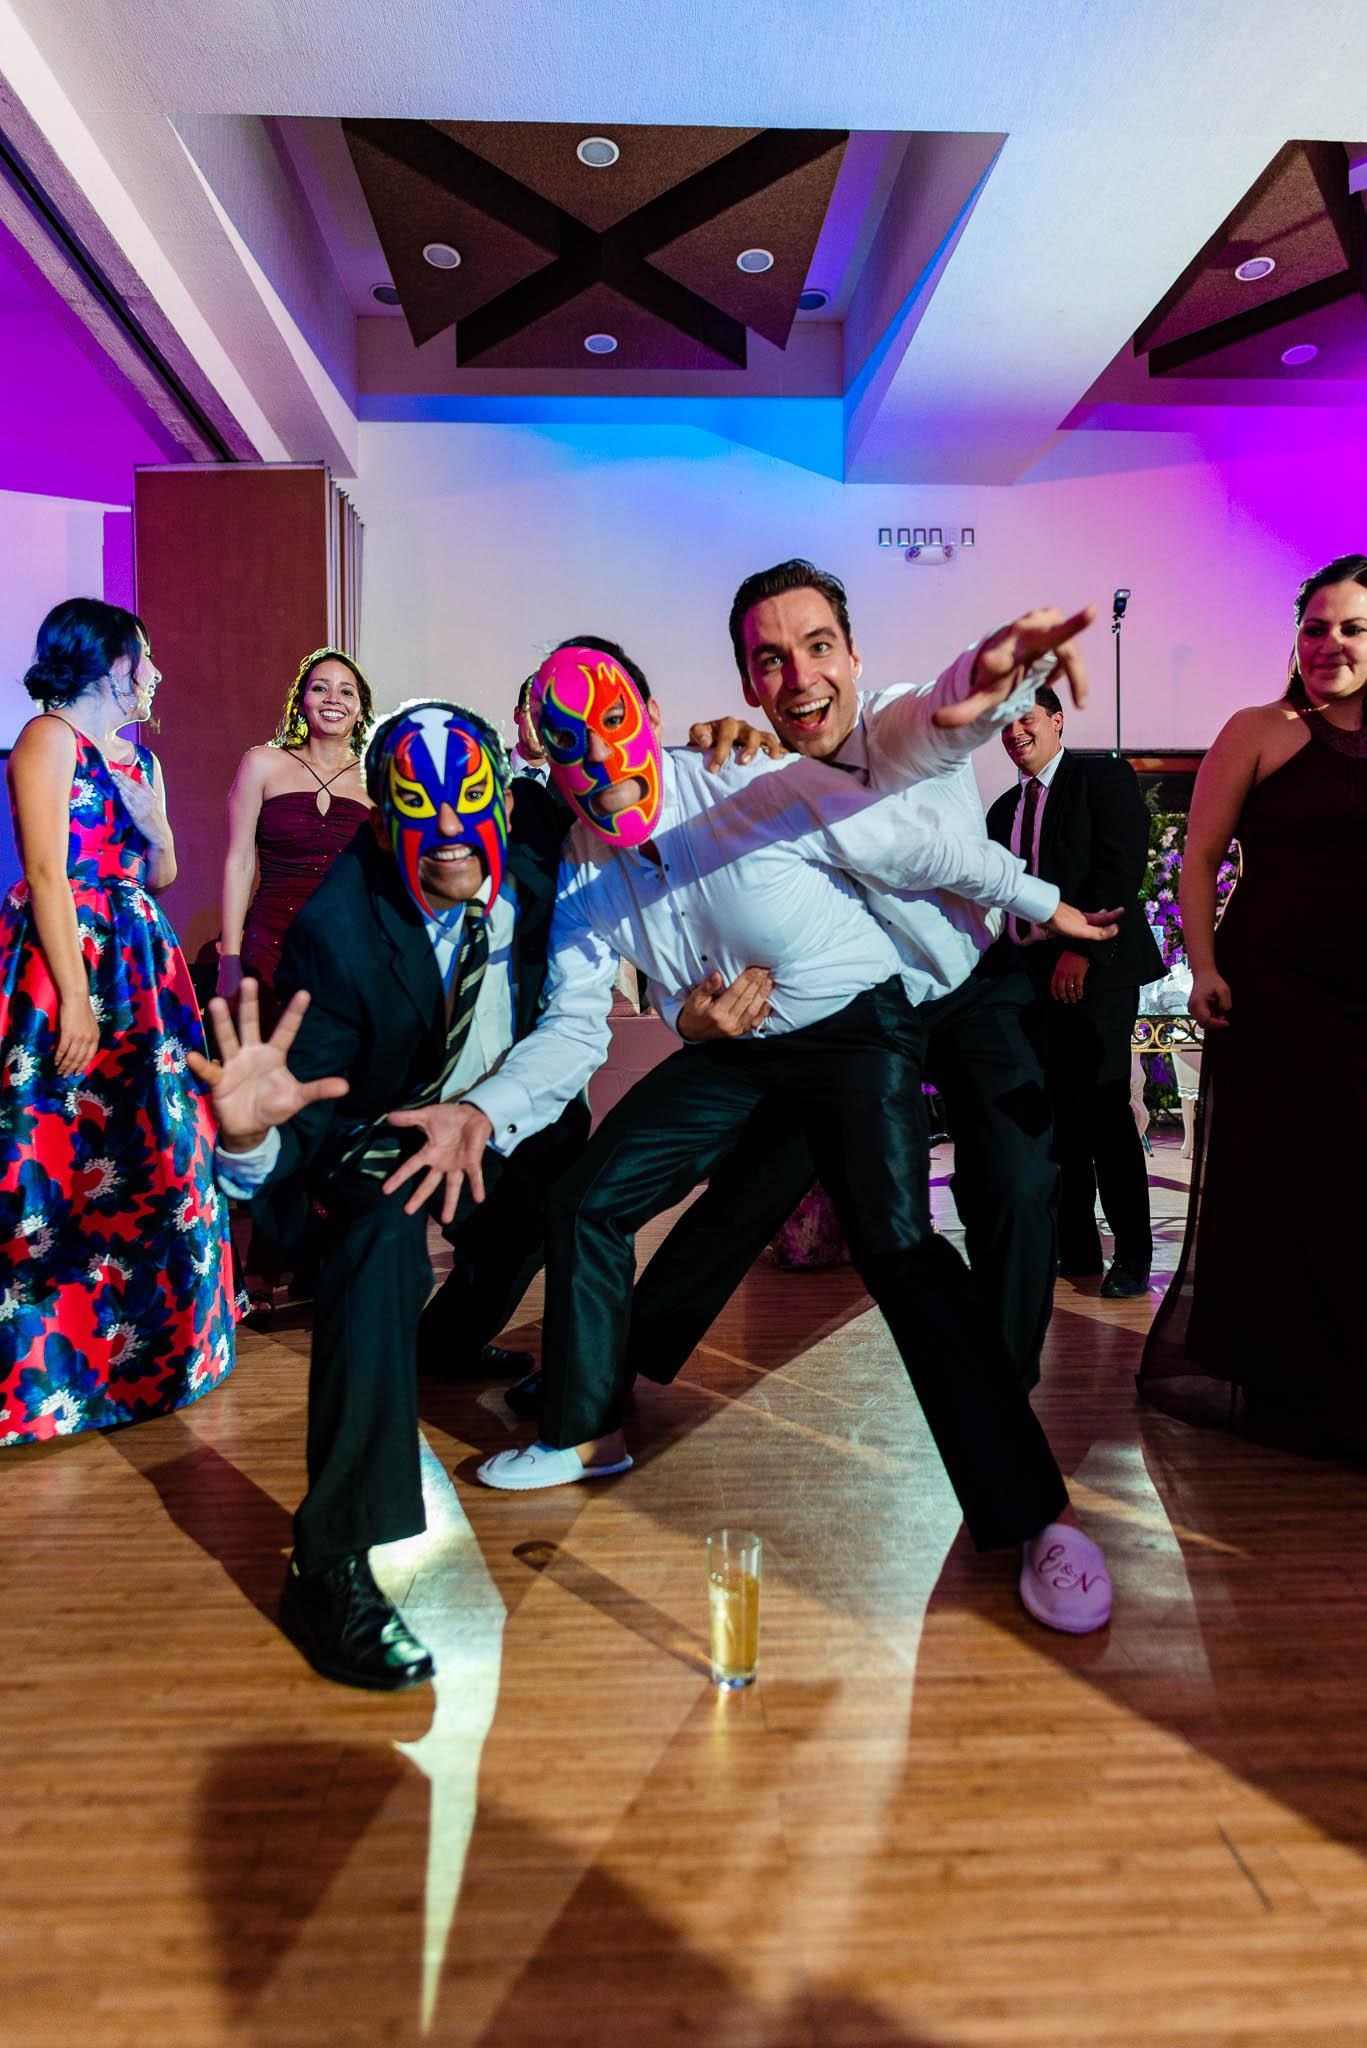 fotografo de bodas san luis potosi boda mexico wedding destination fotos de boda 296